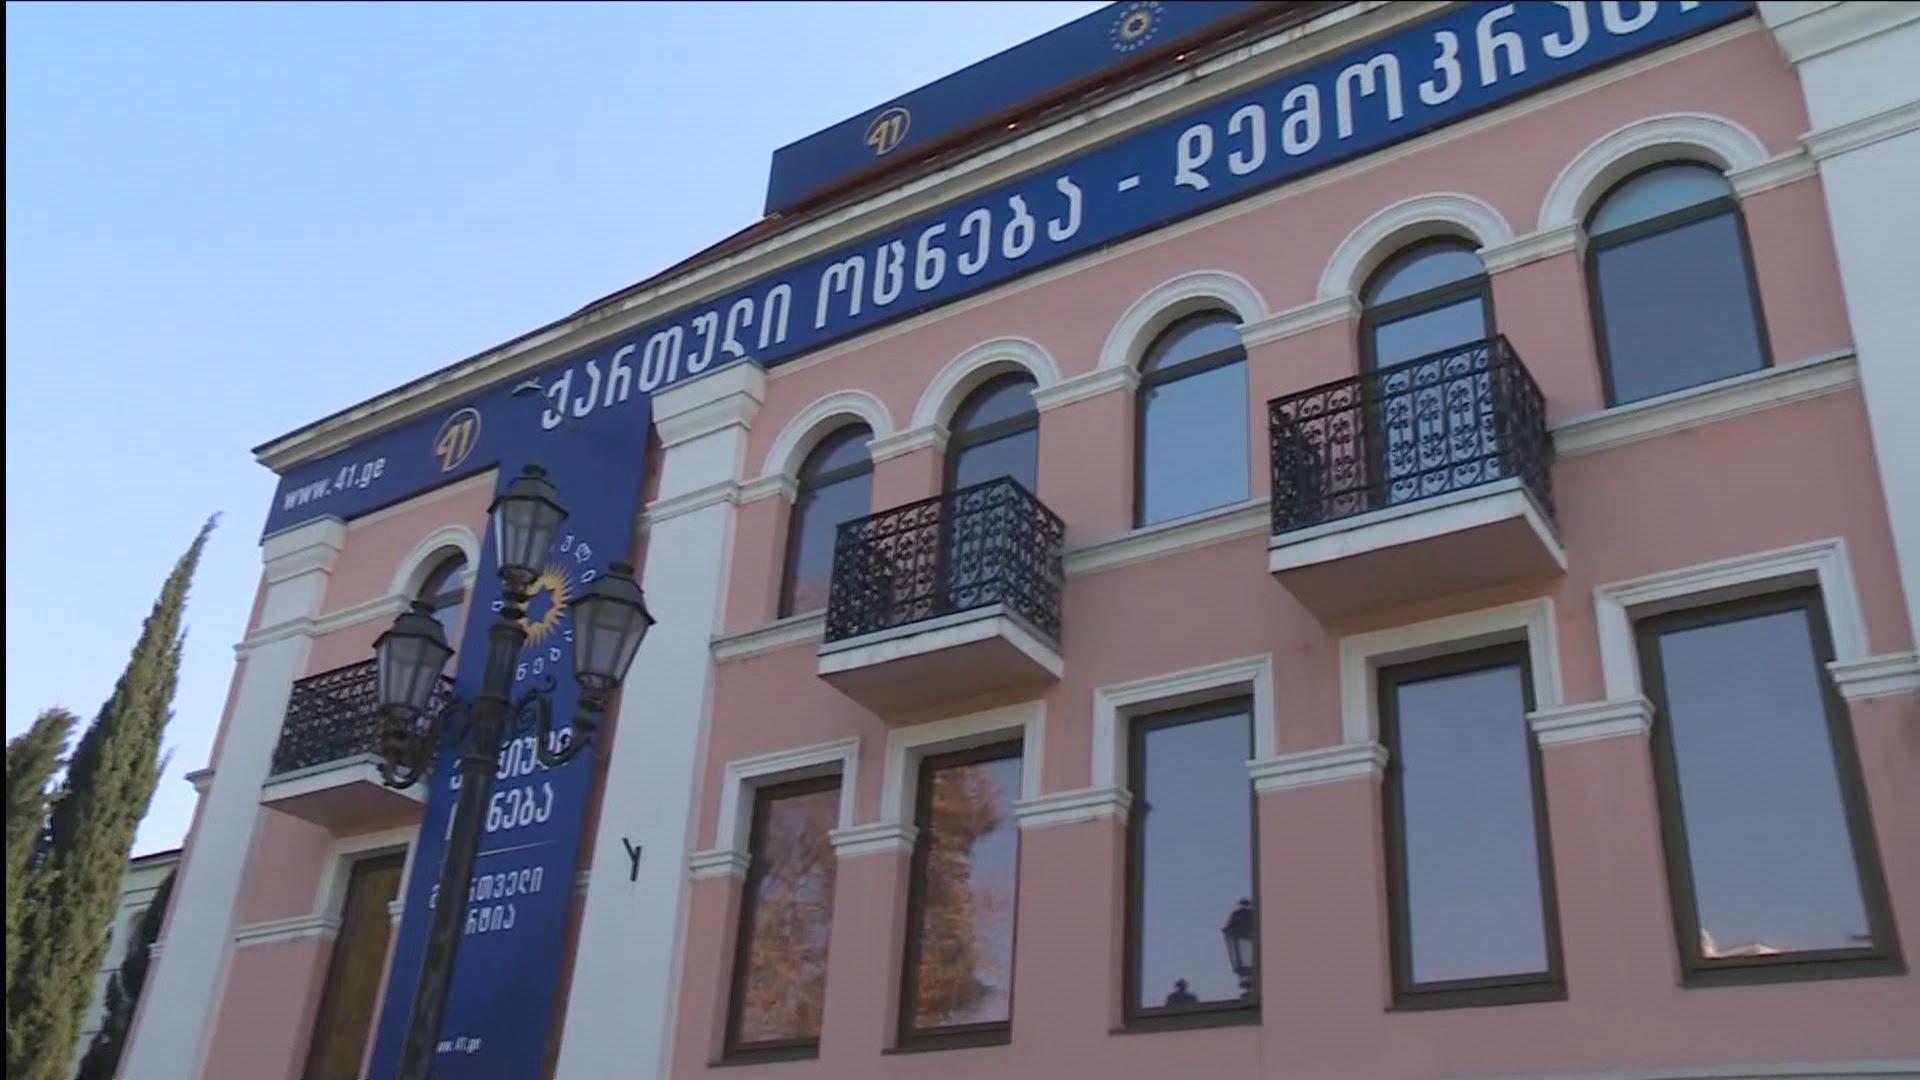 ქართული ოცნების ოფისში საპარლამენტო უმრავლესობის სხდომა დასრულდა